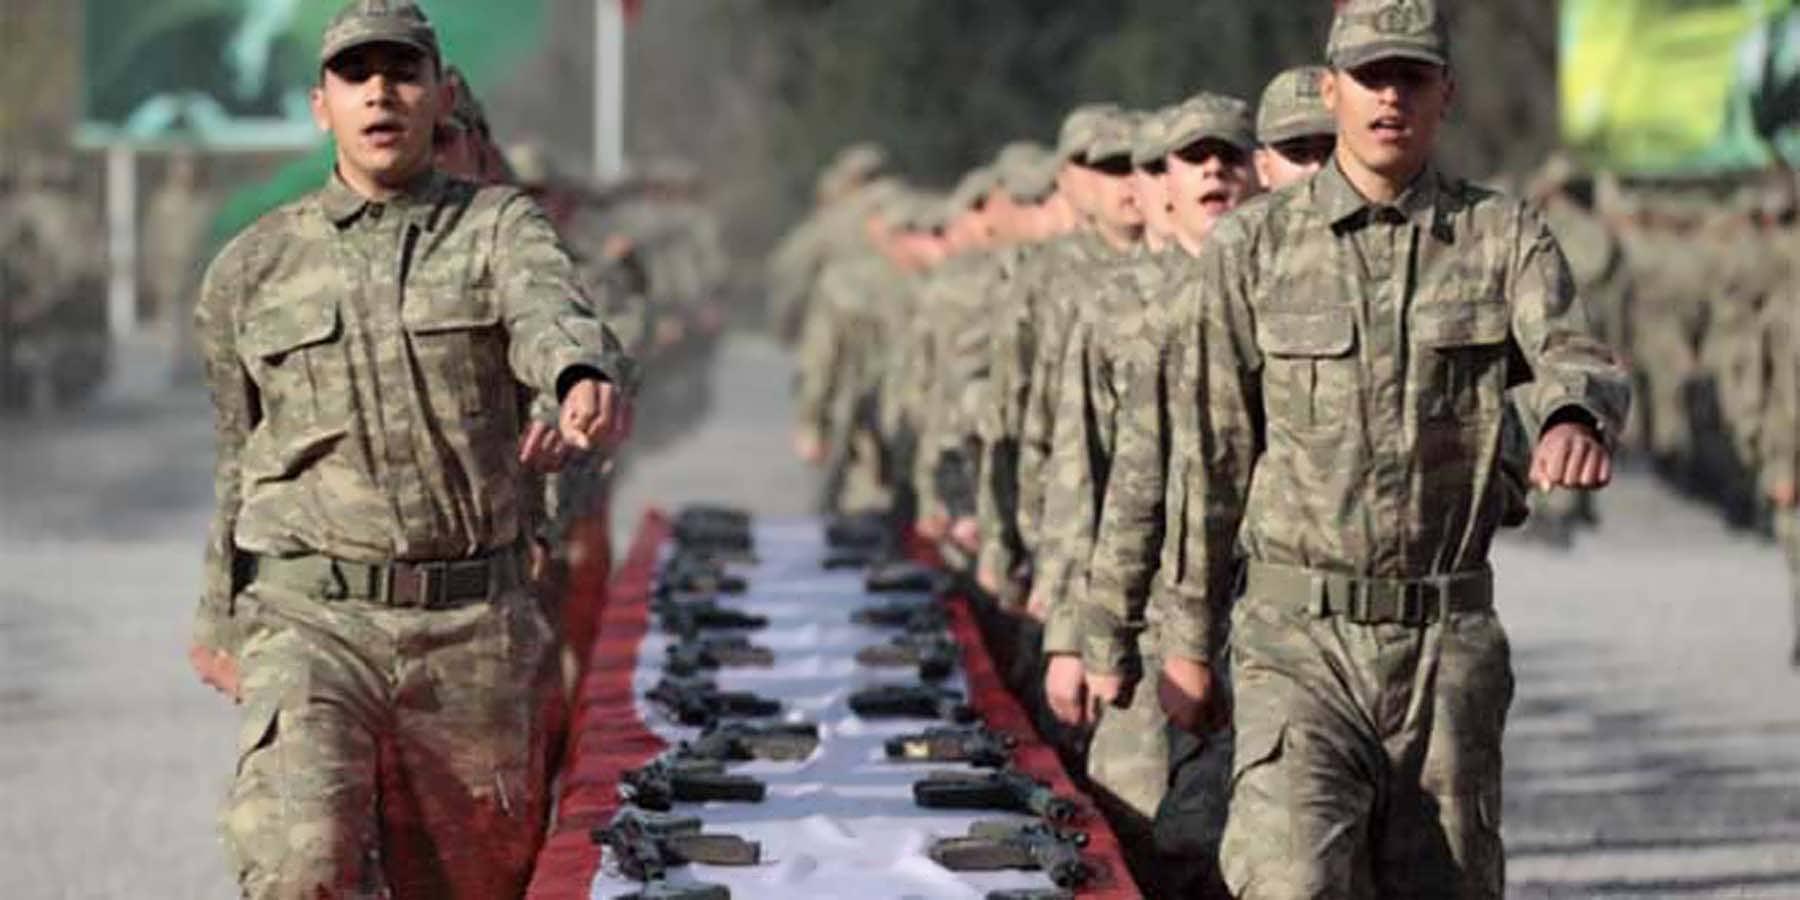 Bedelli Askerlik Beklentisi Devam Ediyor